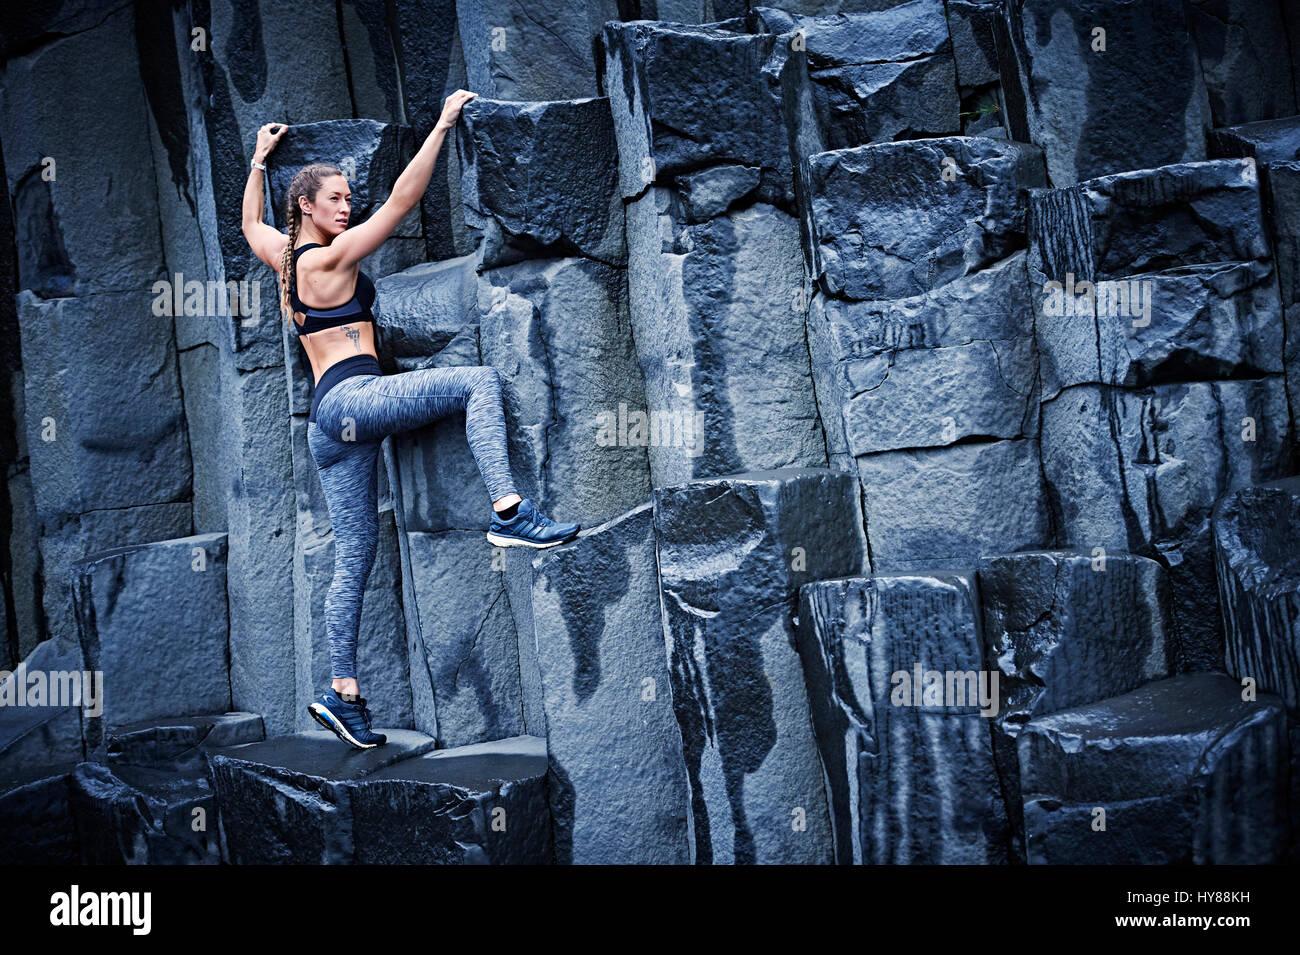 Glücklich selbstbewusste junge Frauen Klettern auf Basaltfelsen im Süden Islands Stockbild